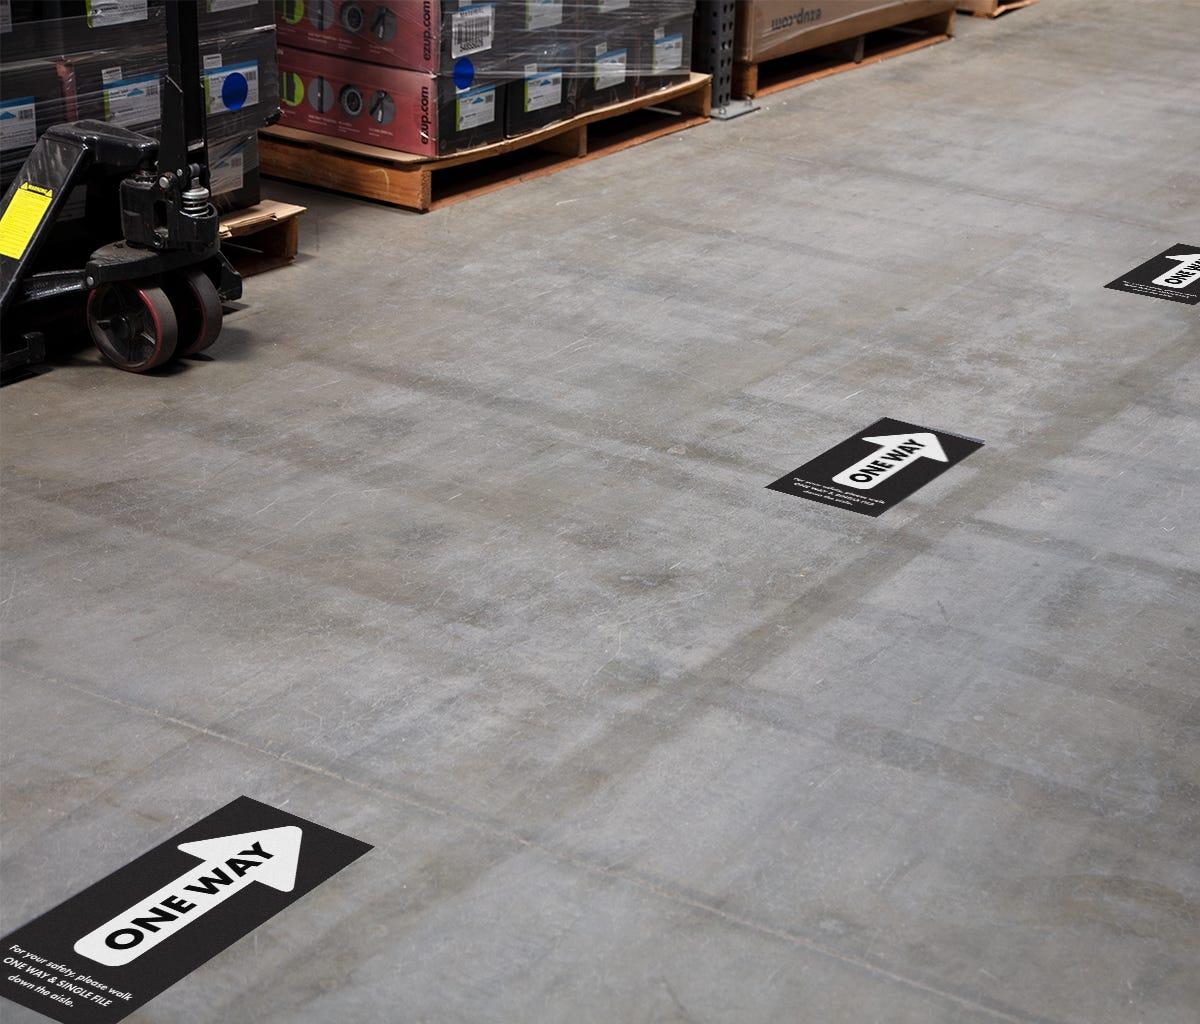 Floor Decal 8.5x18 Rectangle